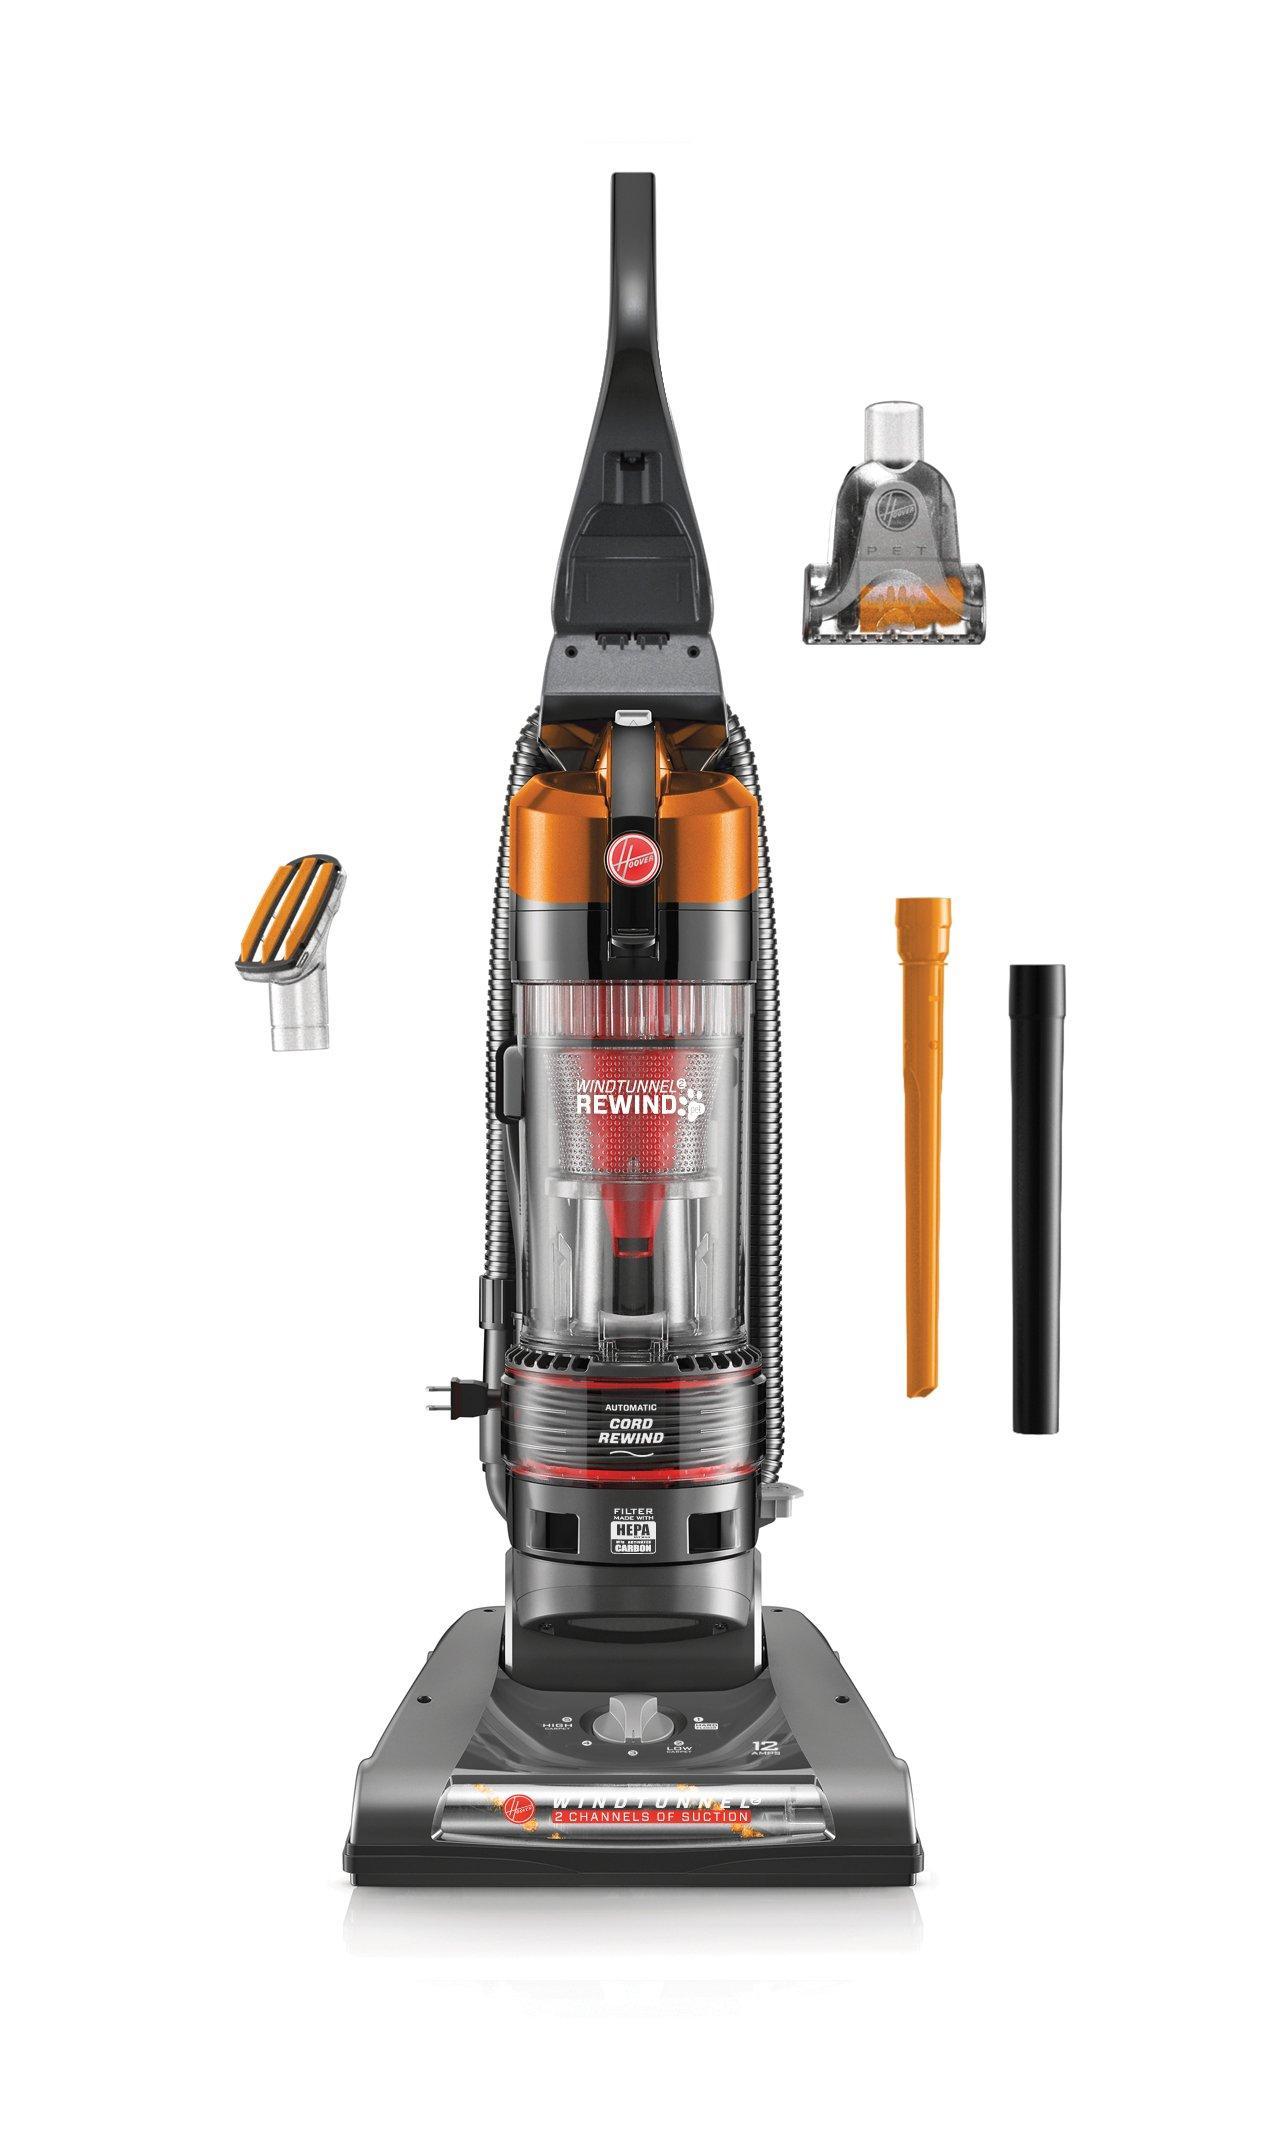 WindTunnel 2 Rewind Pet Upright Vacuum